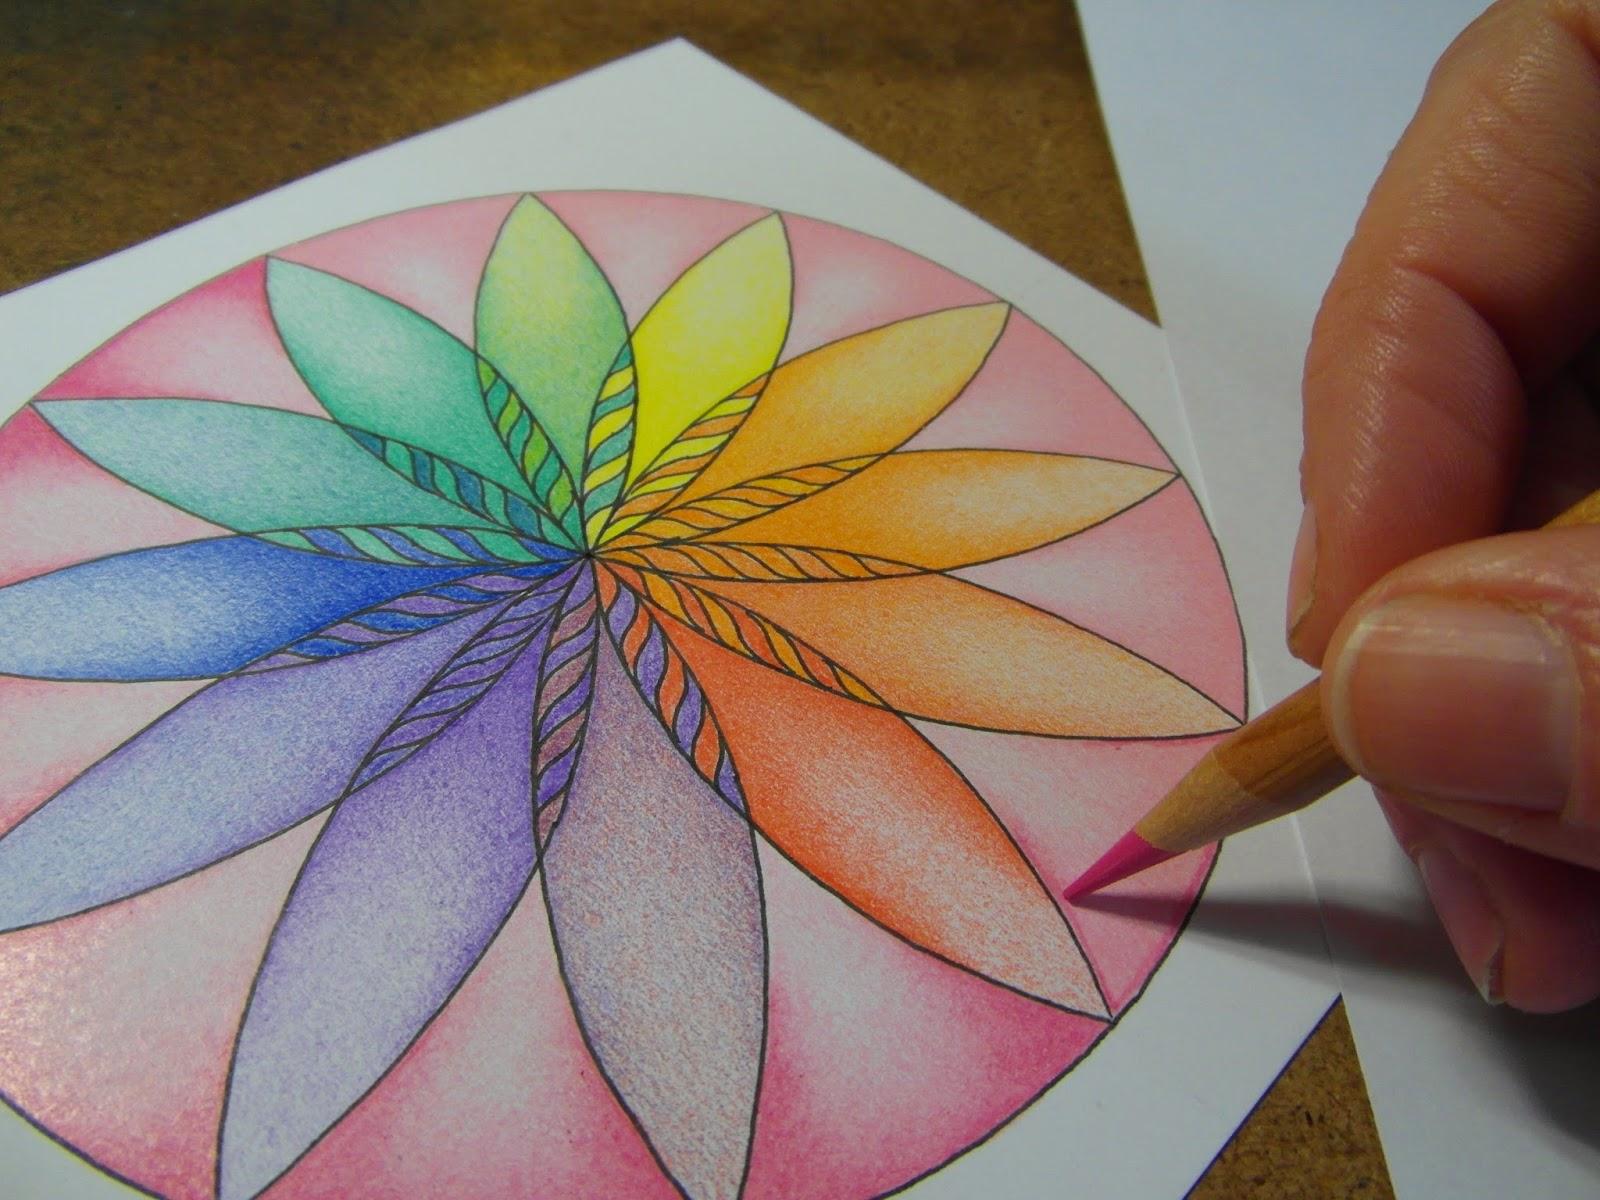 Mandala atelier inspiratie workshop 5 kleurenlotus - Hoe om kleuren te maken ...